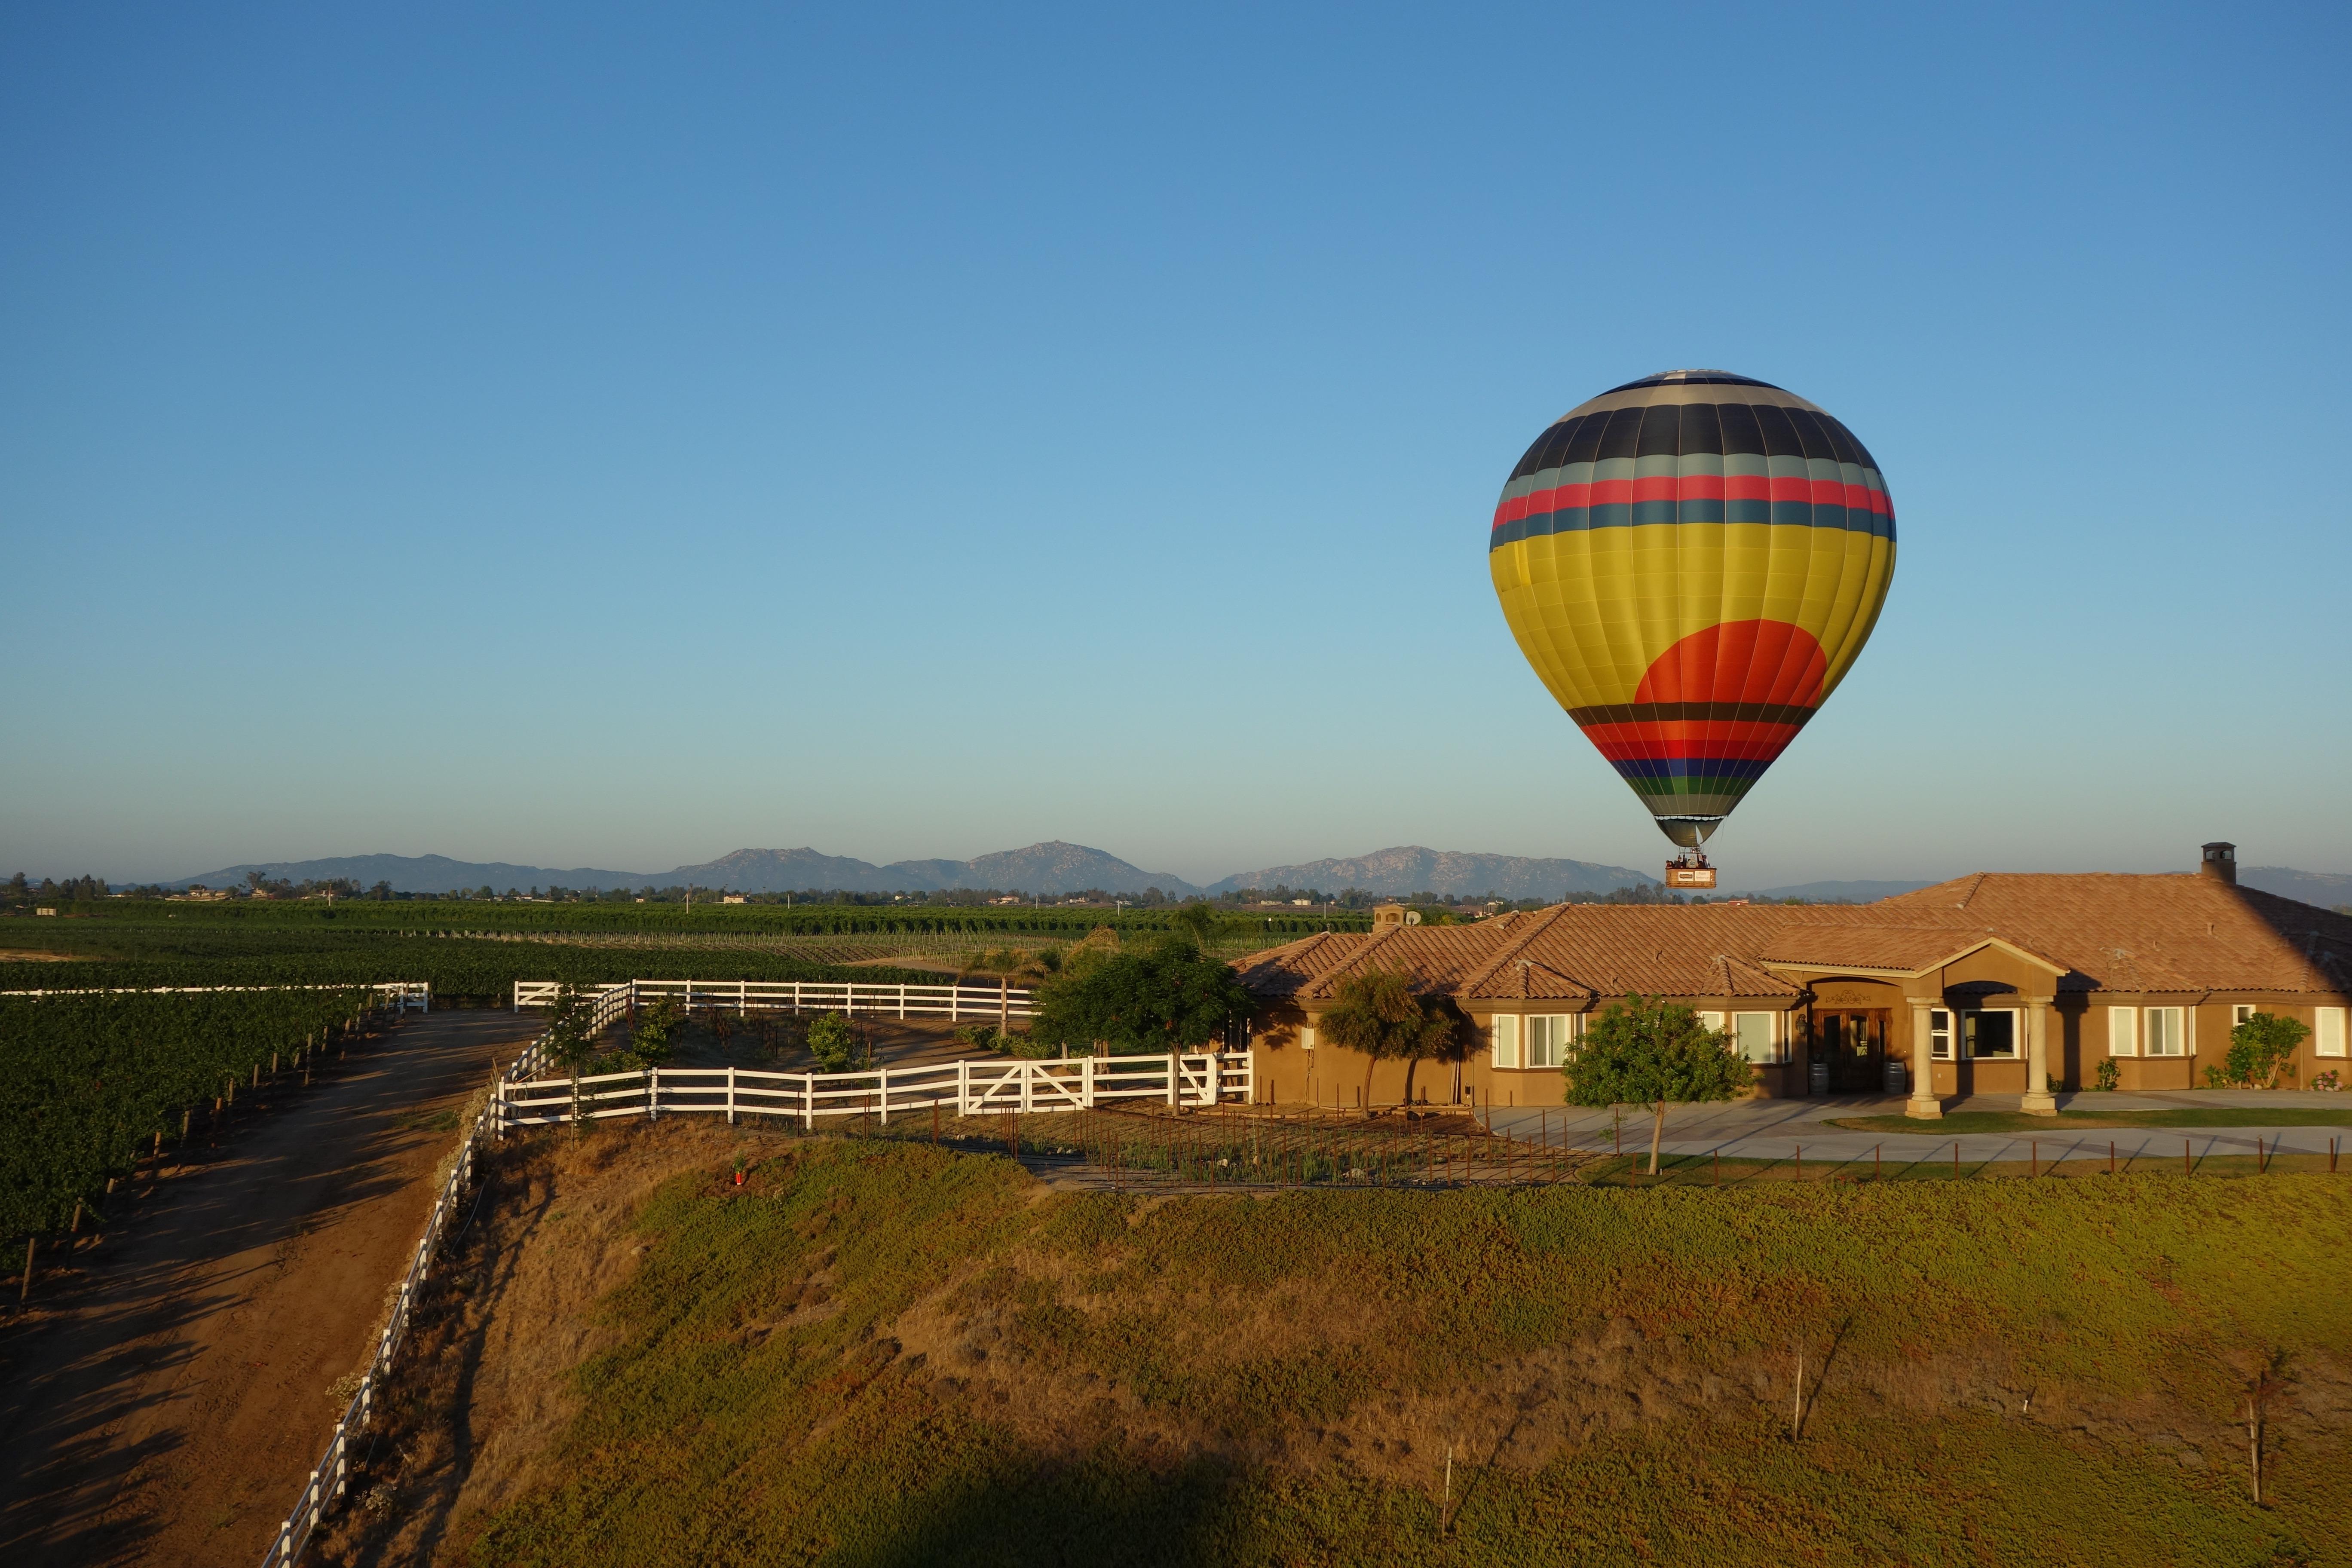 德美古拉山谷热气球和葡萄酒节